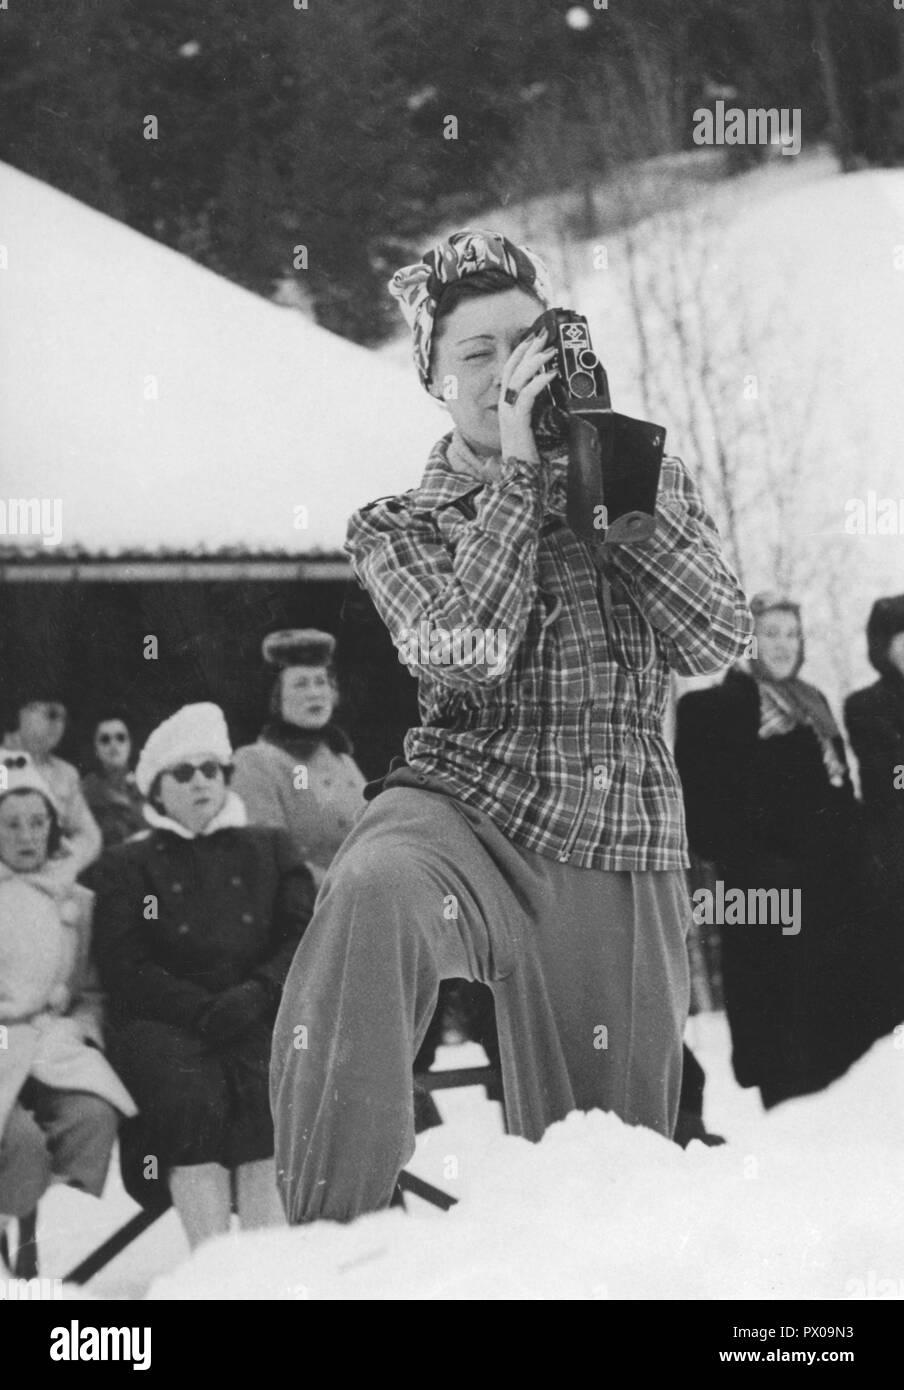 Winter in den 1940er Jahren. Eine junge Frau ist Schmierfilmbildung der Curling-WM in Åre Schweden geschieht. 1940er. Stockbild